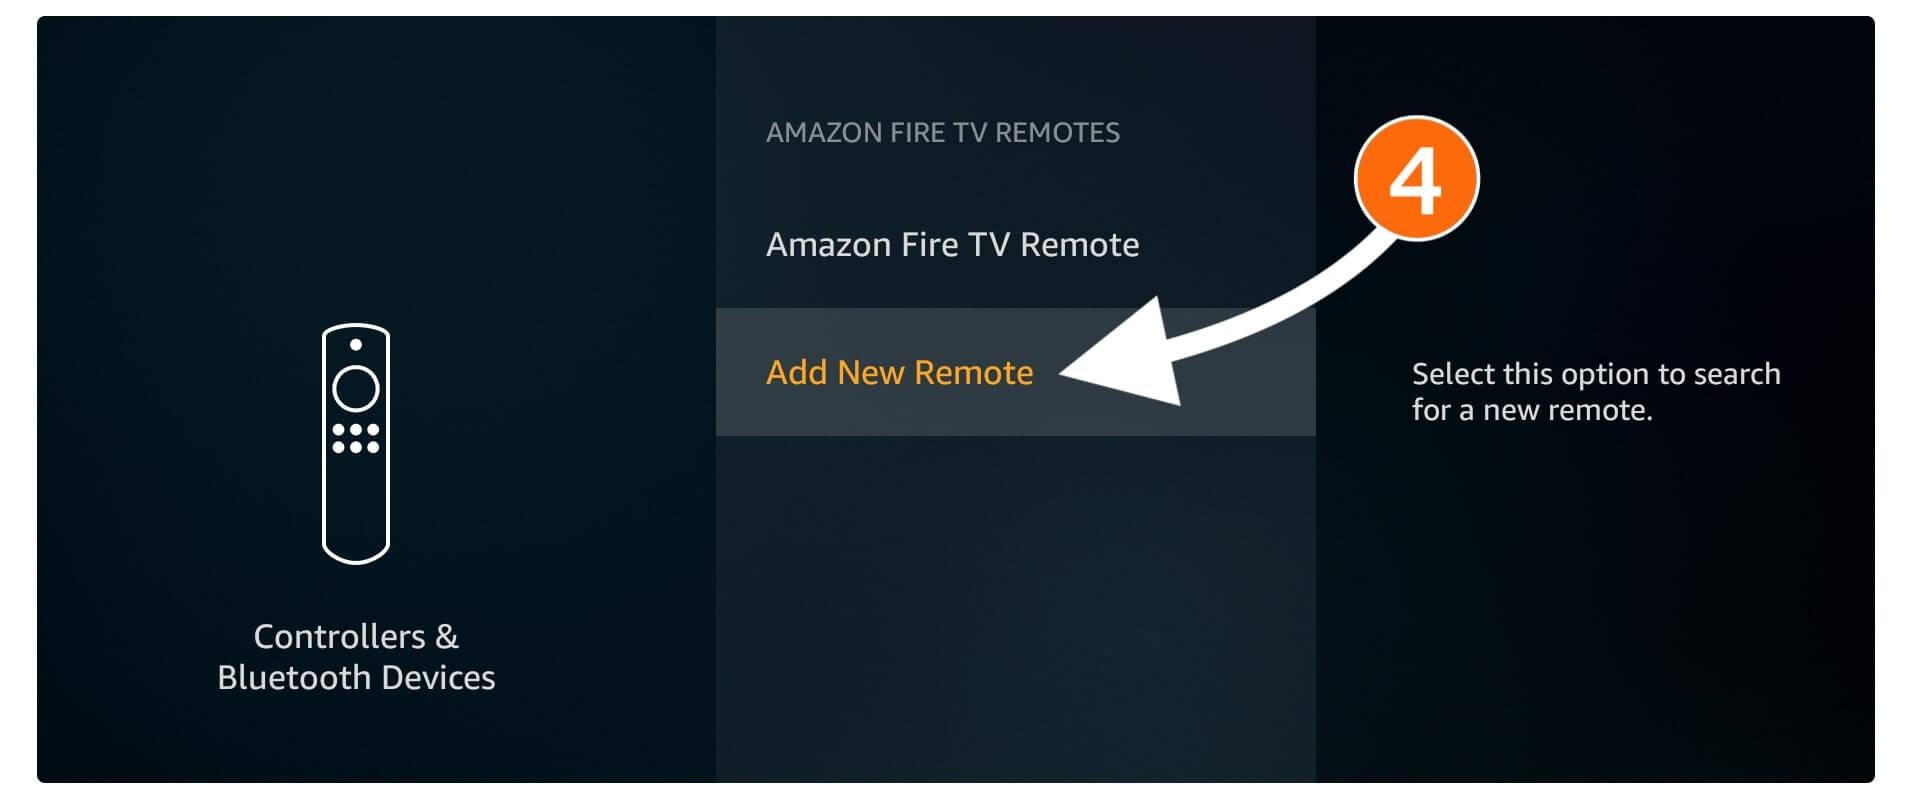 Add-New-Remote